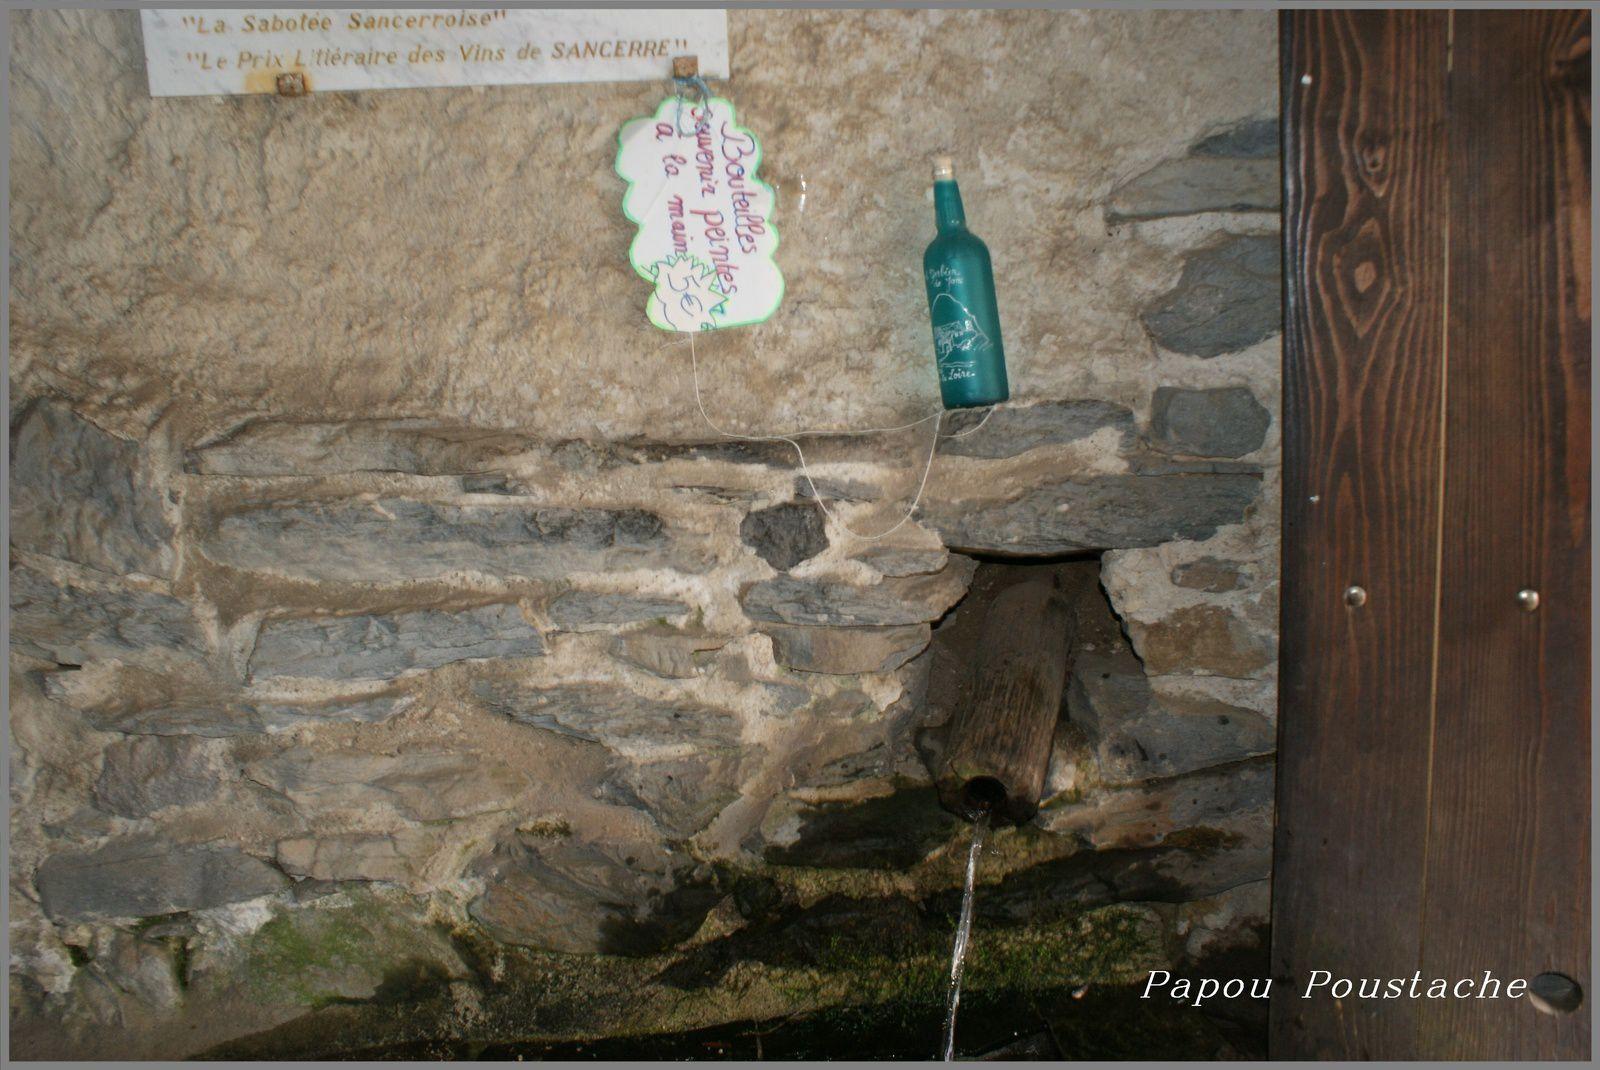 Le mont gerbier des joncs:Sucs et source de la Loire